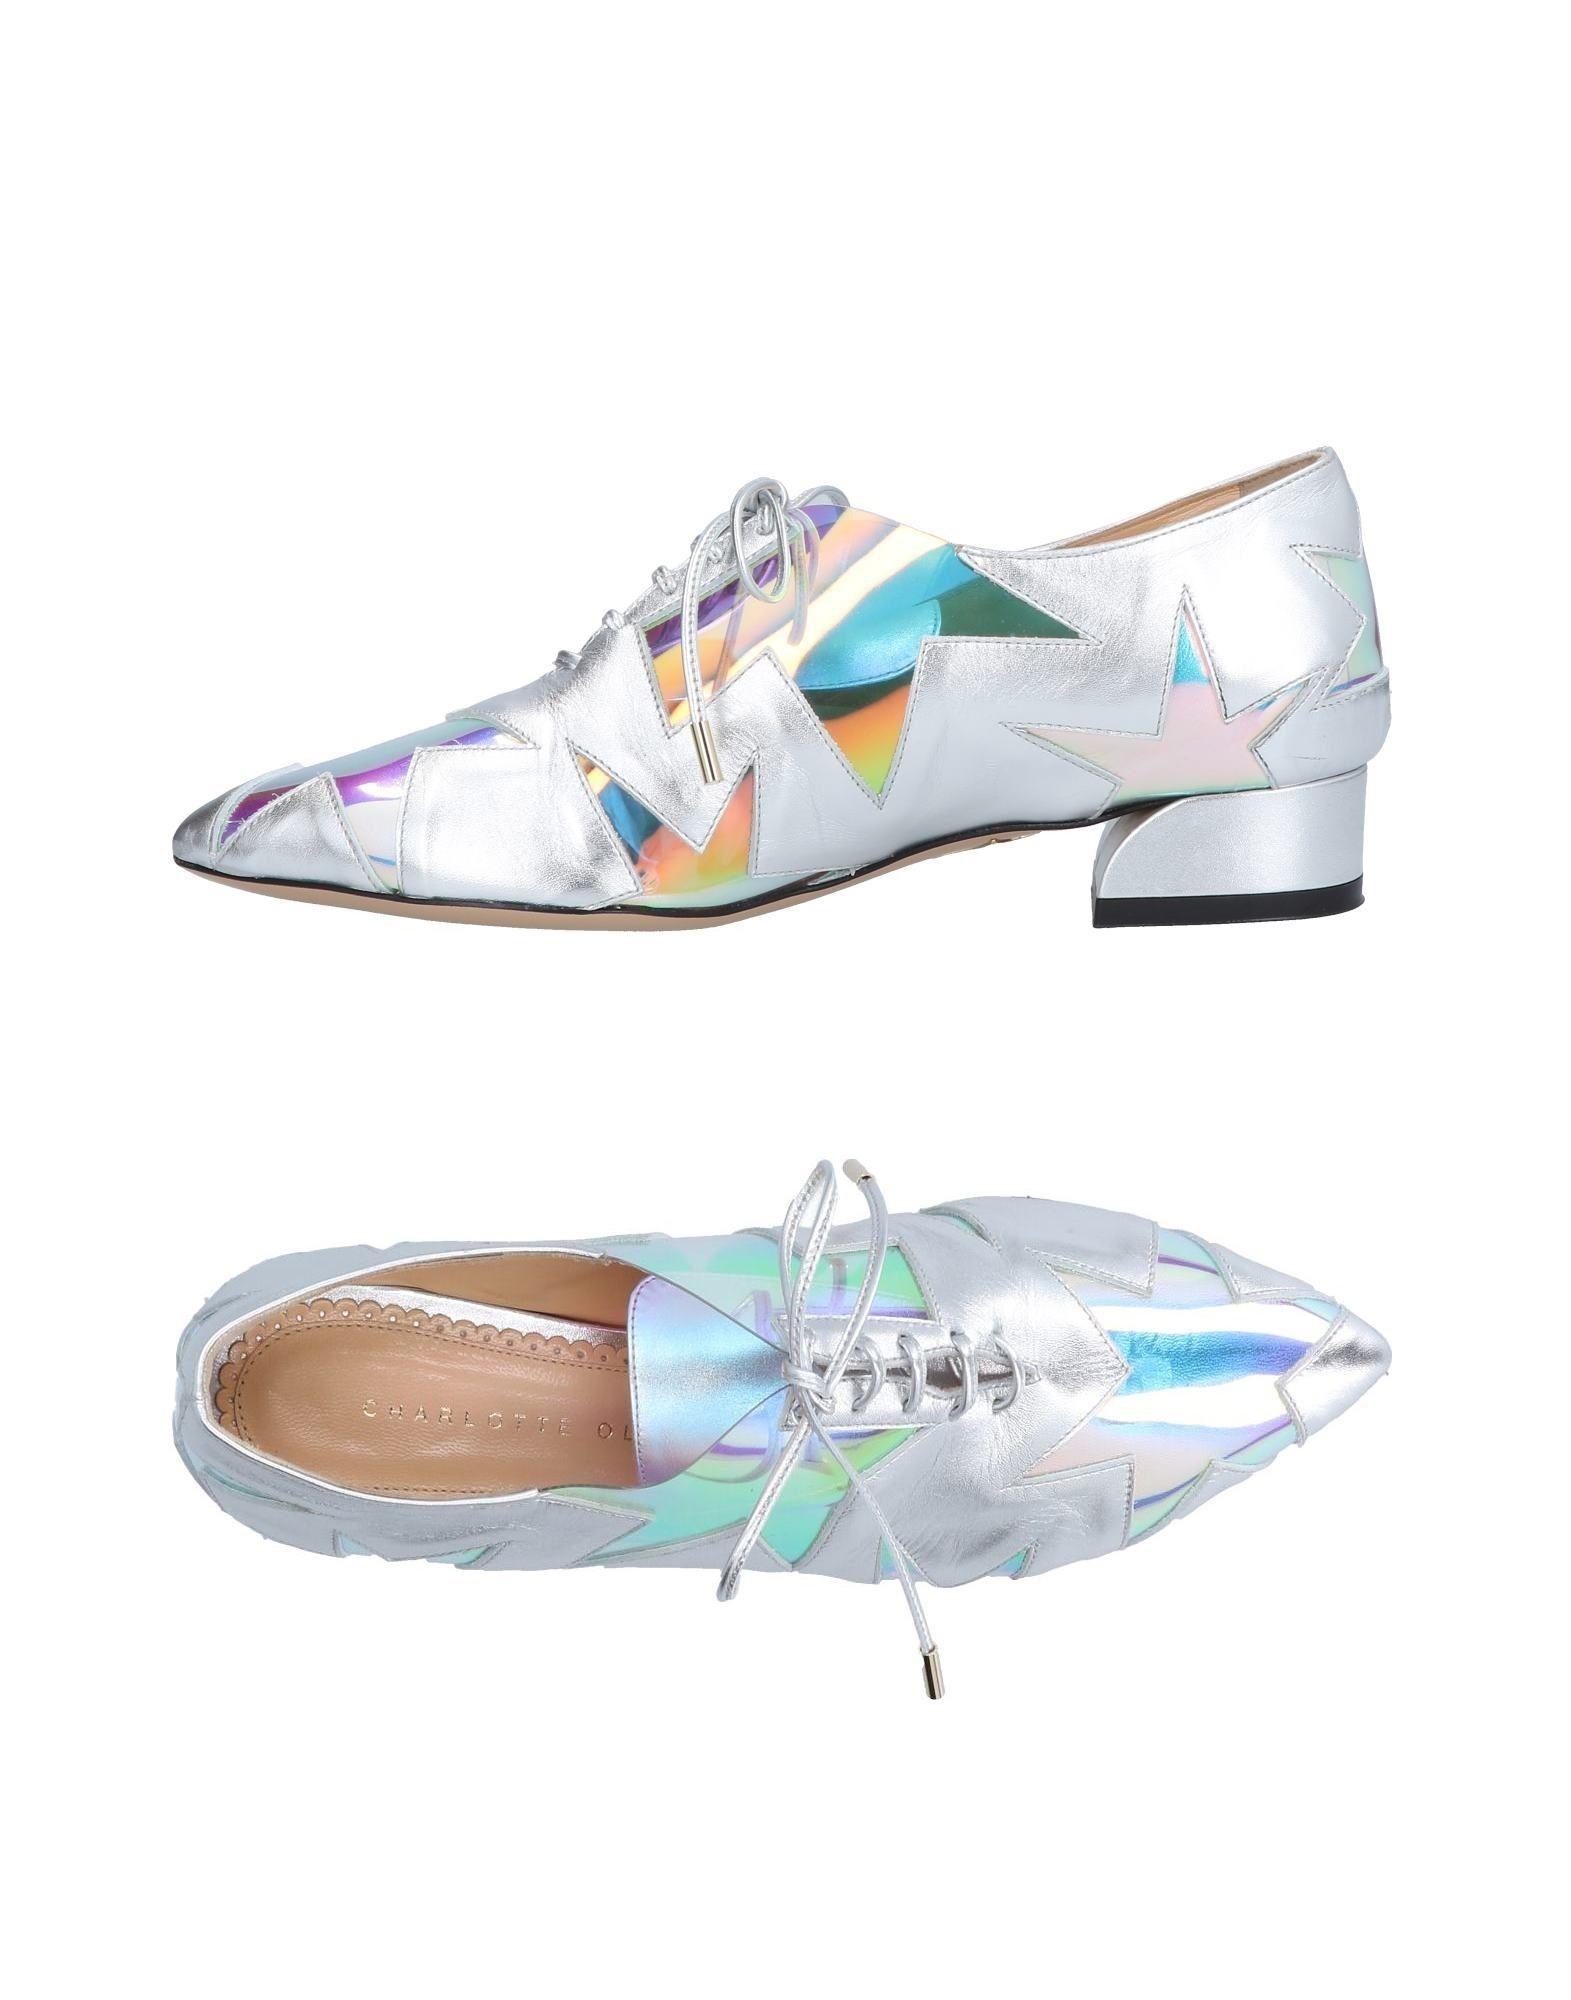 Charlotte Olympia Schnürschuhe Damen  11480944JHGut aussehende strapazierfähige Schuhe